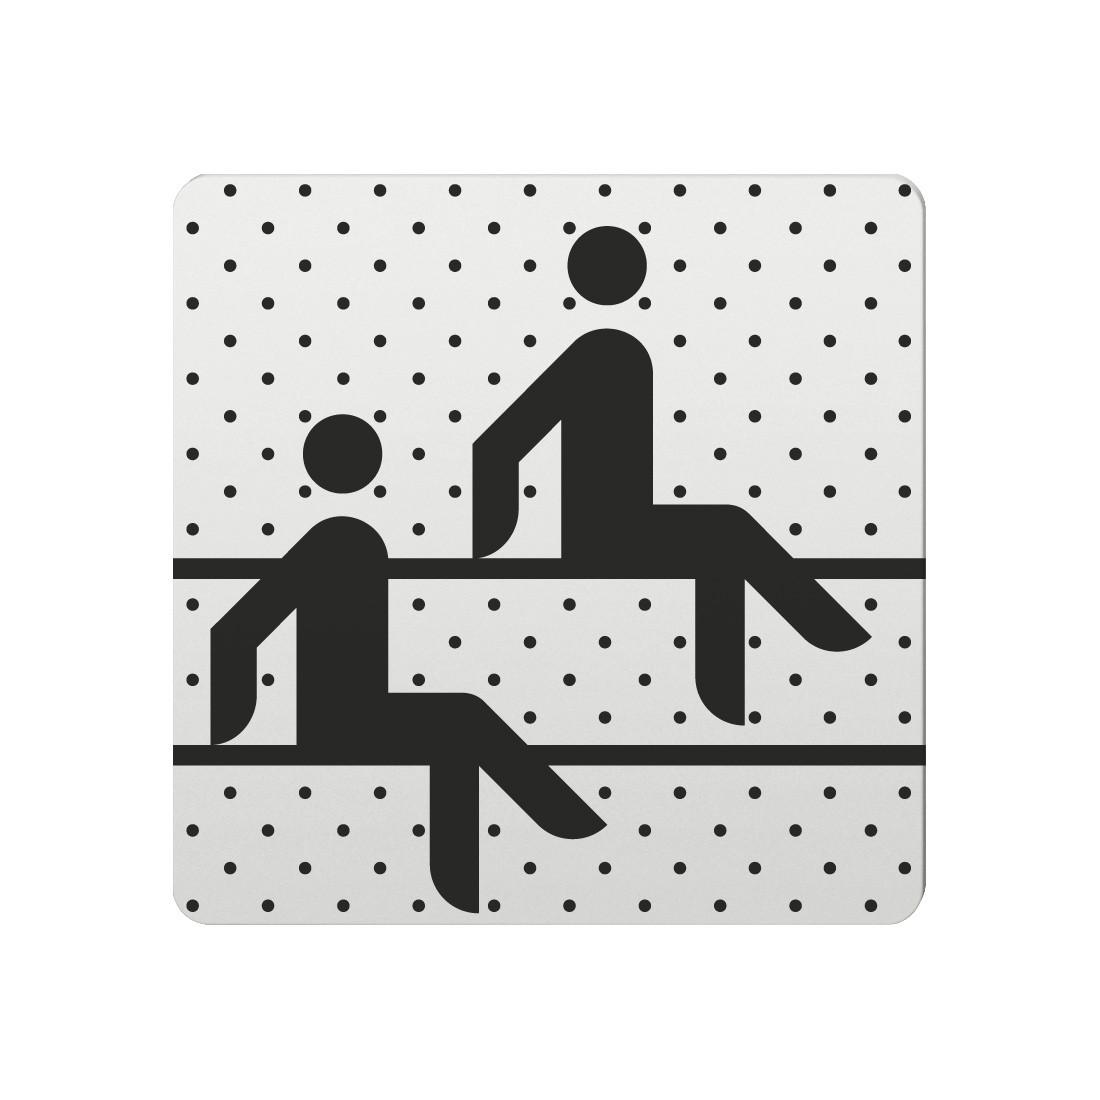 FSB Hinweiszeichen Sauna Lasergraviert Aluminium naturfarbig (0 36 4059 00151 0105)